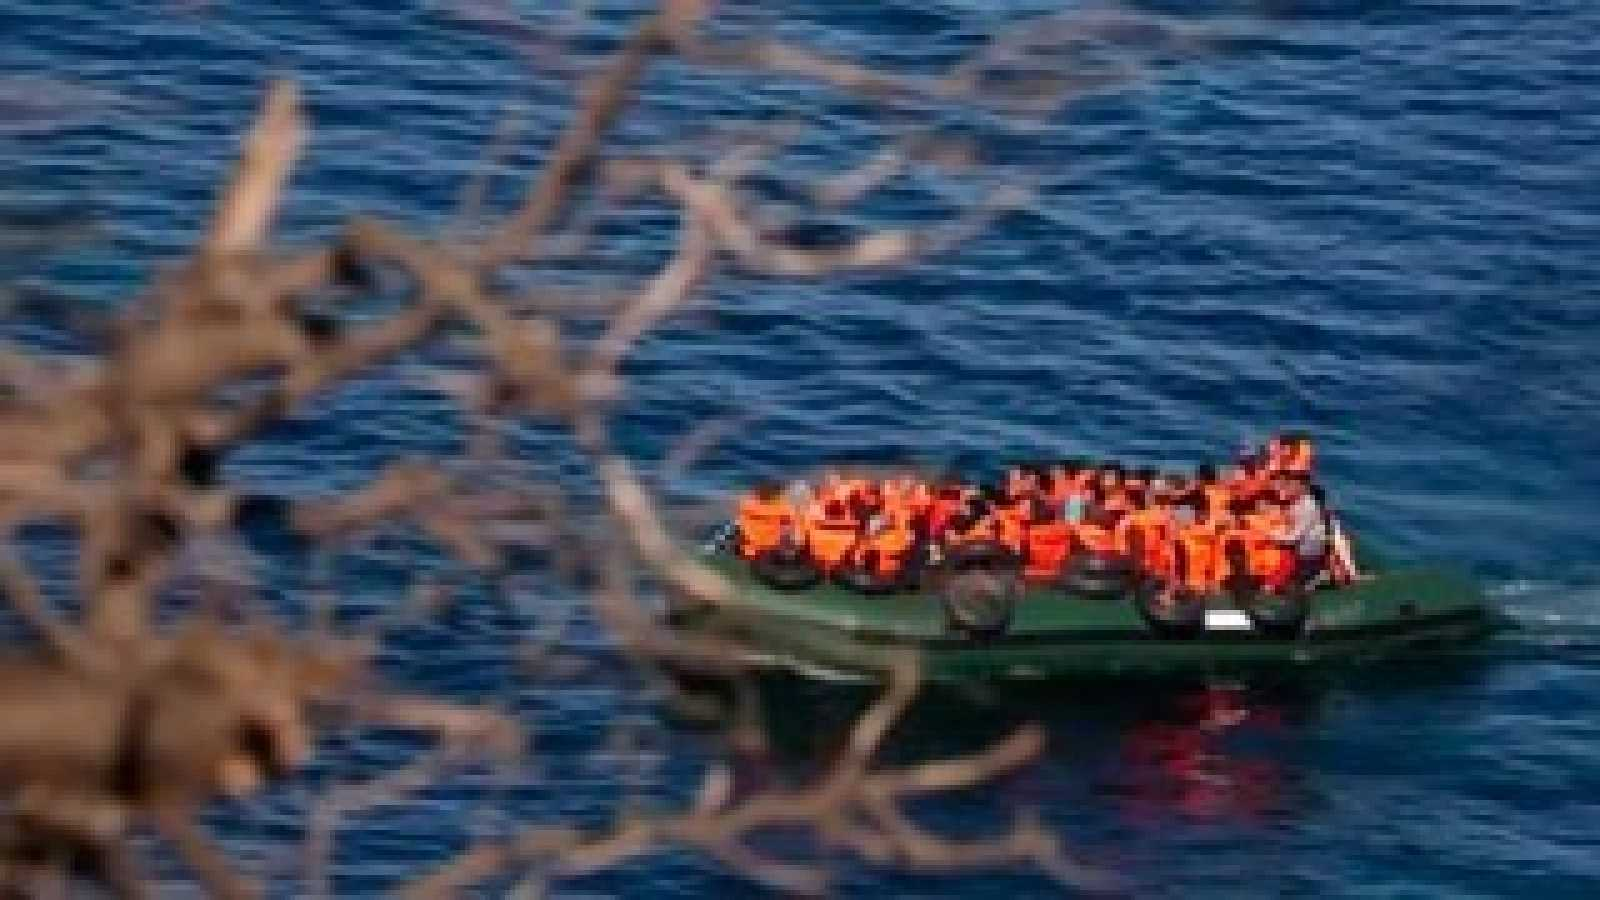 Llega a Fuerteventura una patera con 61 personas y se busca otra con 6 niños